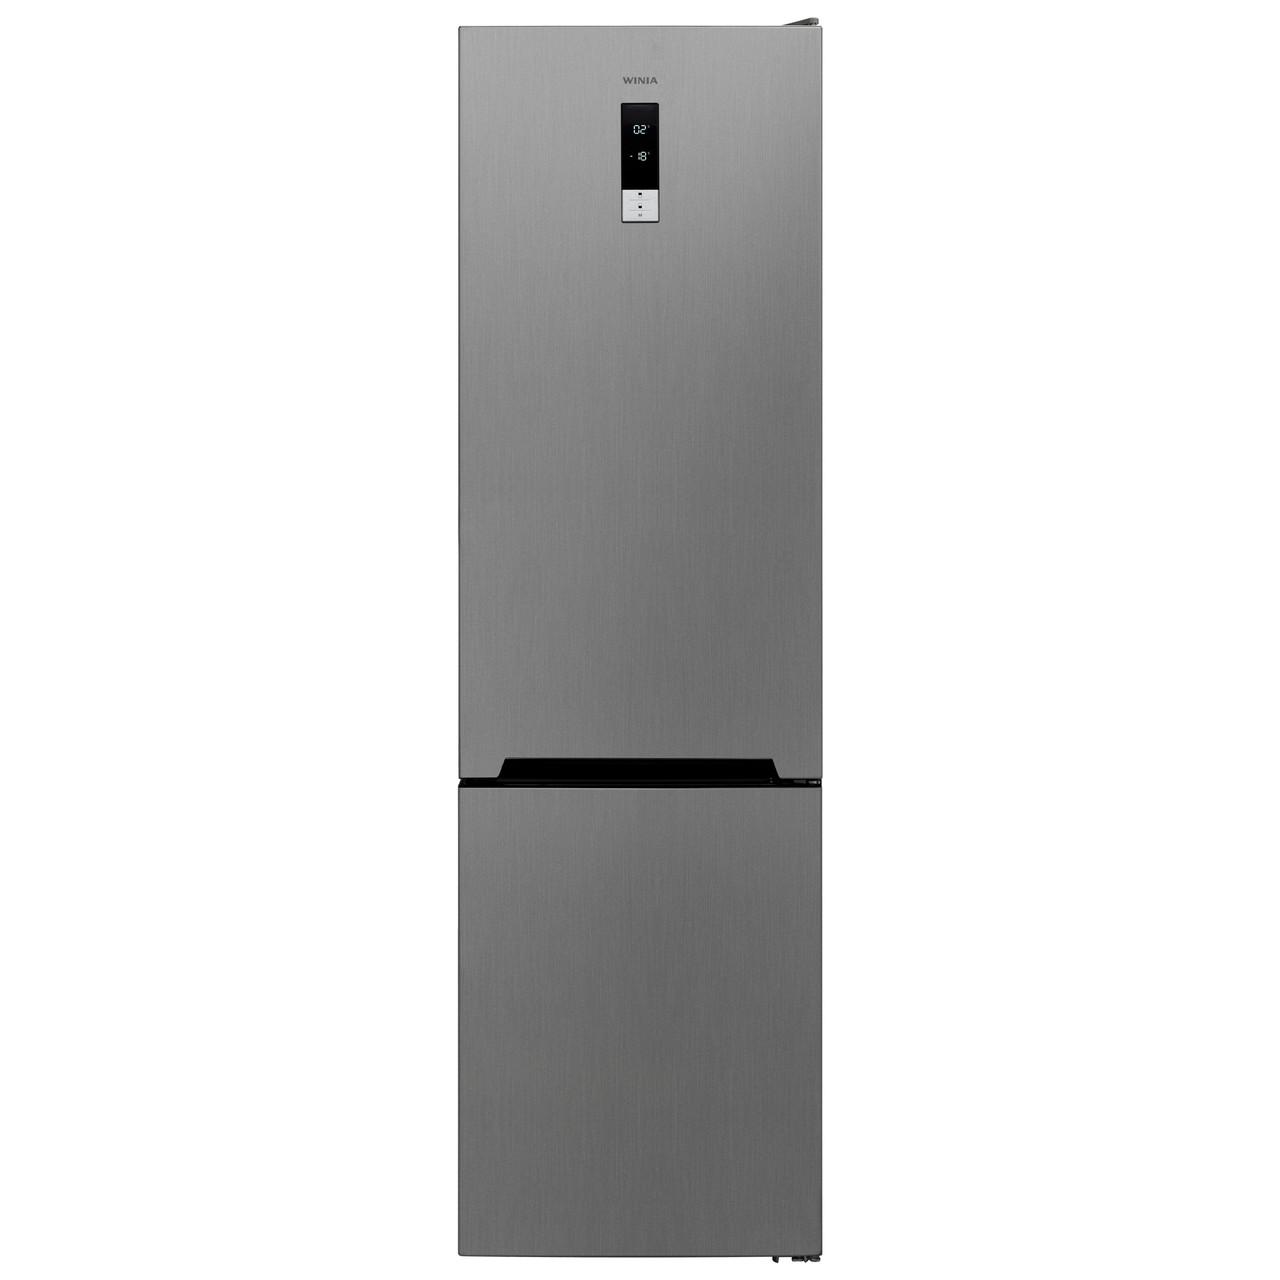 Холодильник Winia RNV3810DSFW STEEL